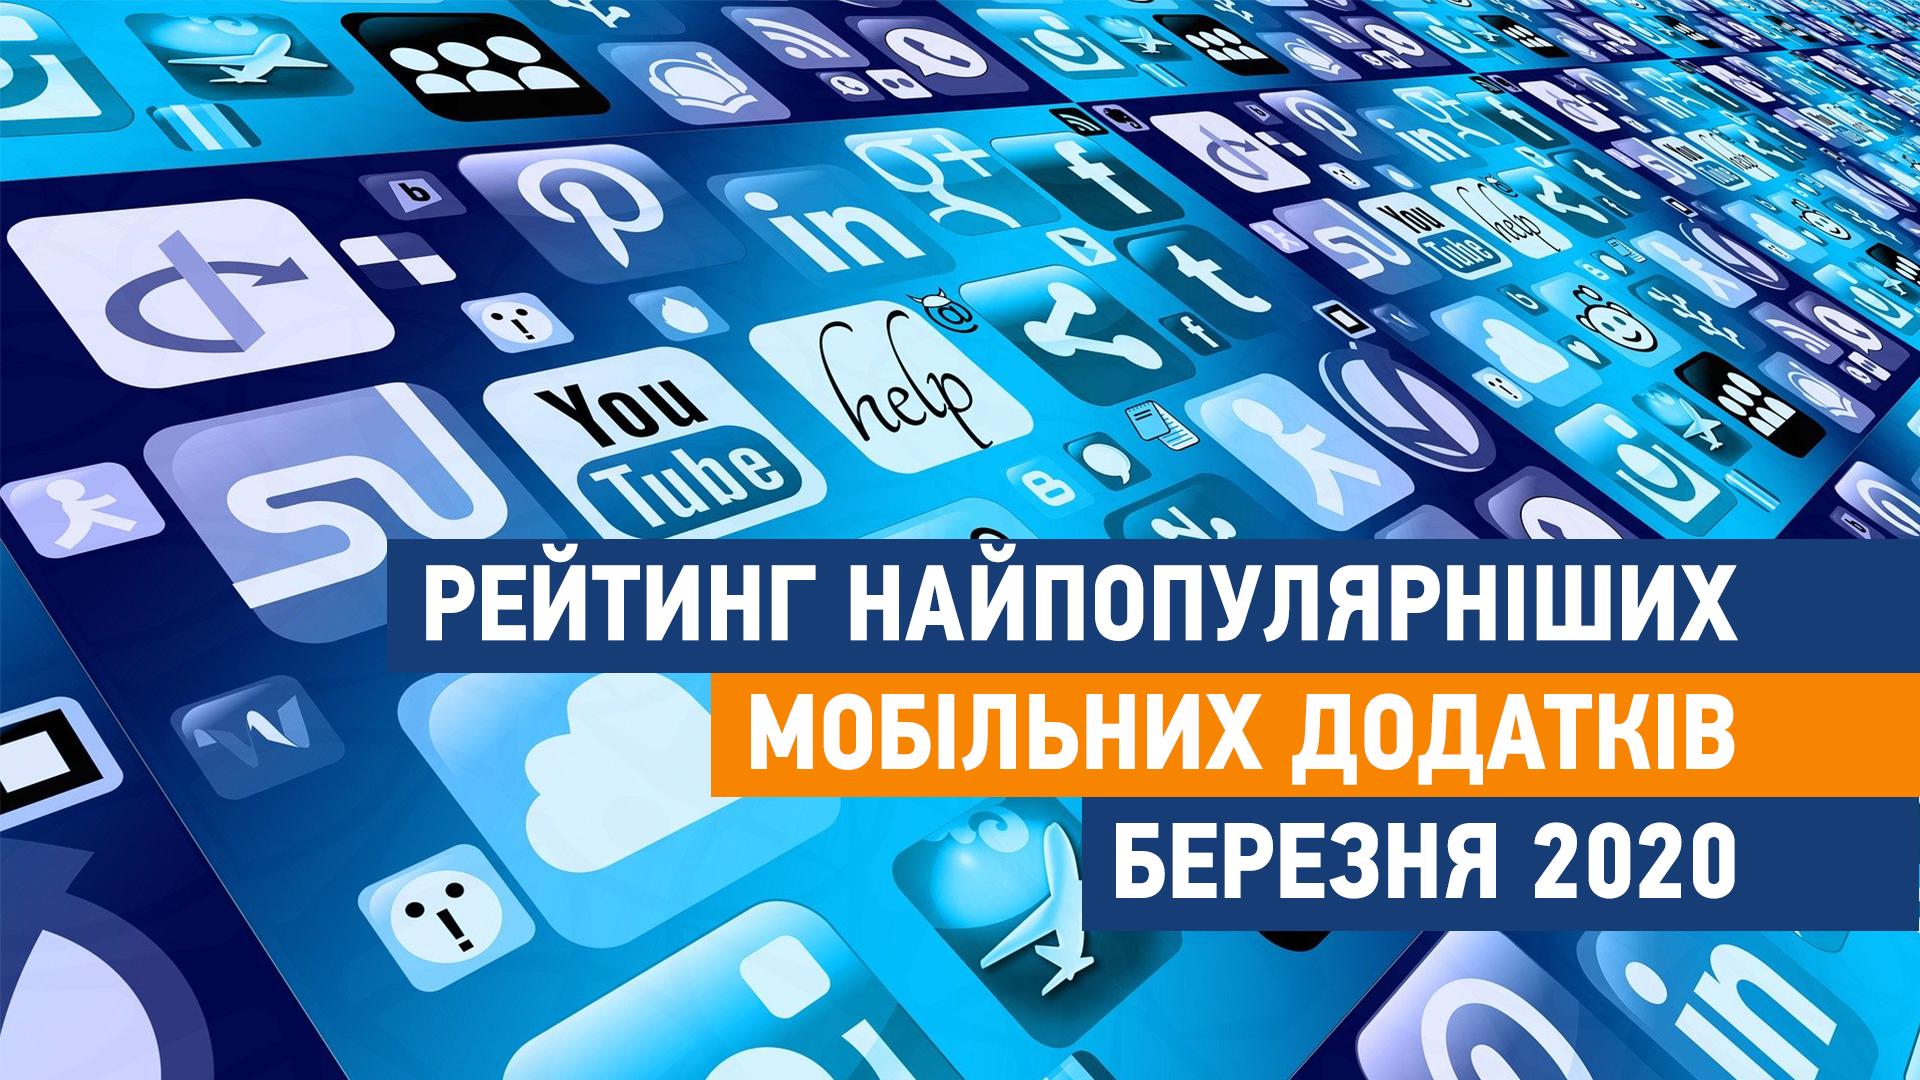 Рейтинг найпопулярніших мобільних додатків березня 2020 - рейтинг, youtube, Instagram, Facebook, Chrome - reiting poglyad